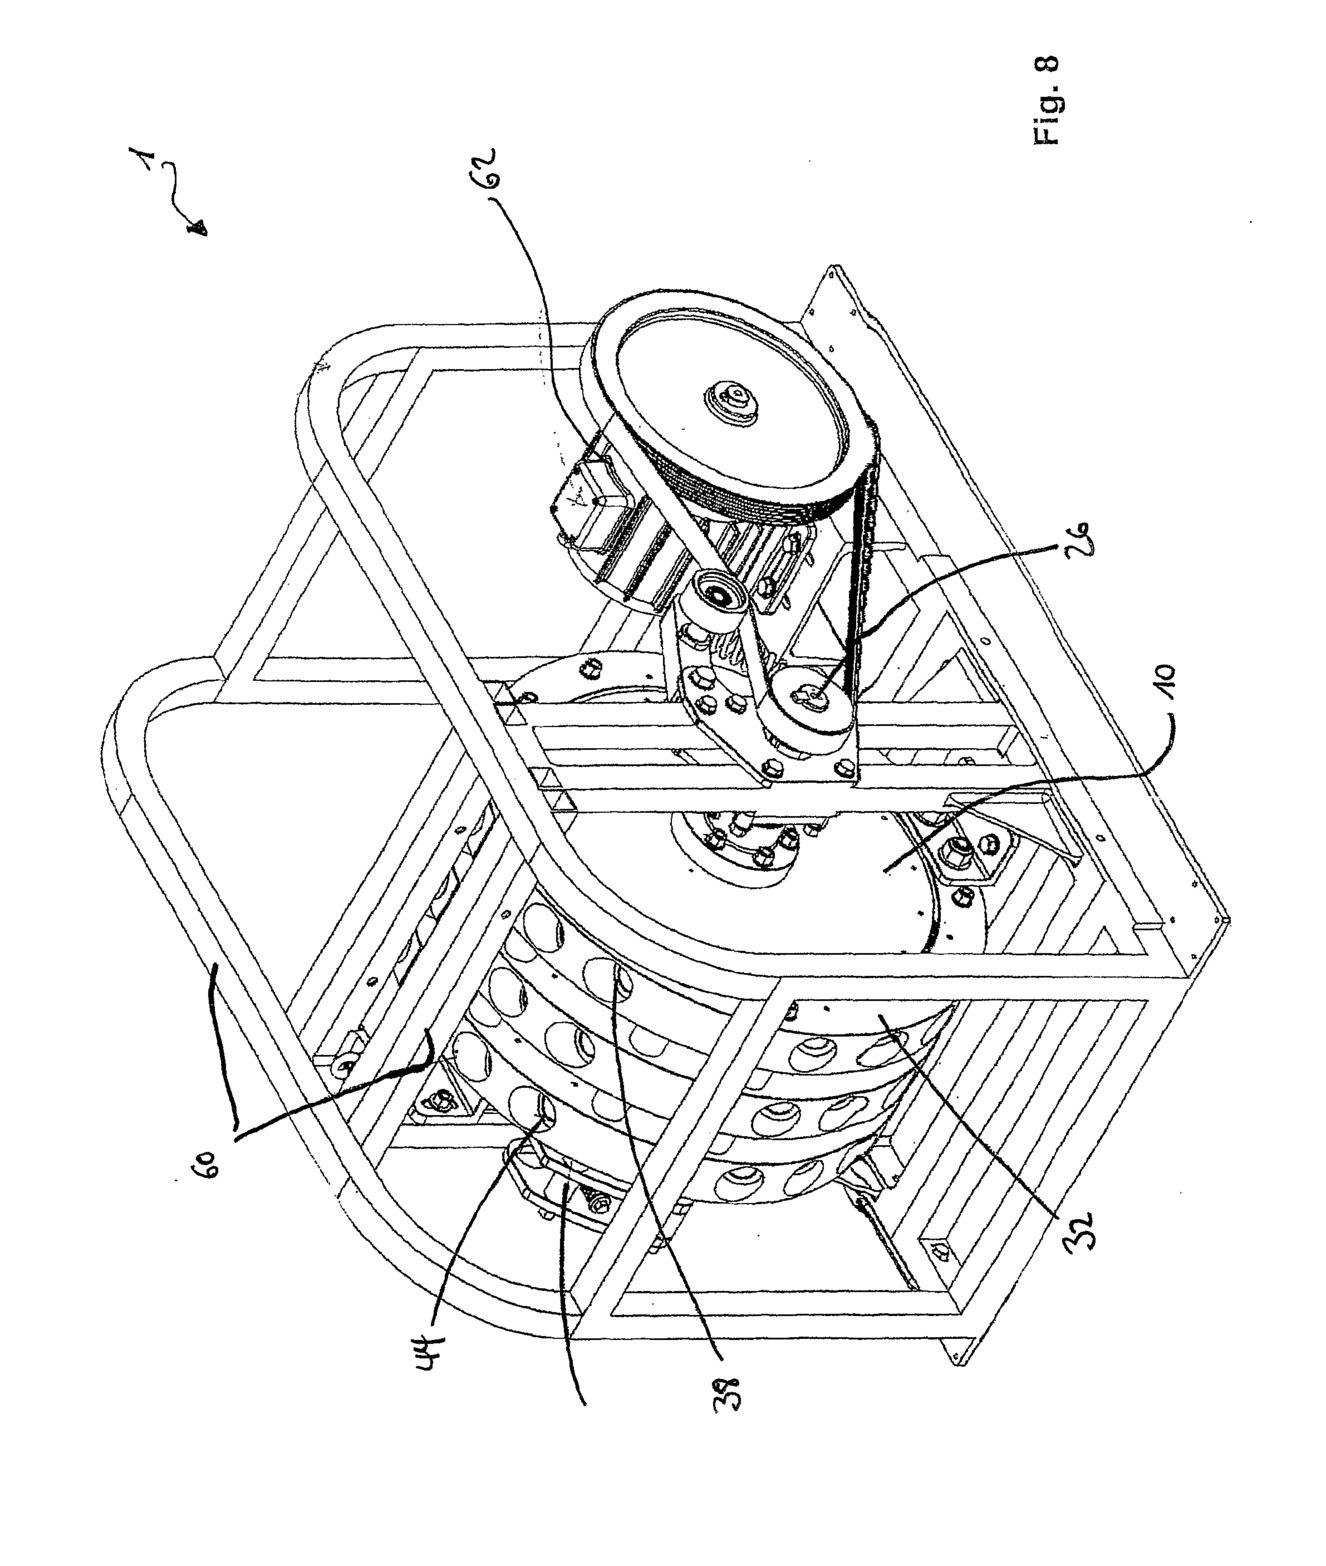 free download 3 way diagrama de cableado